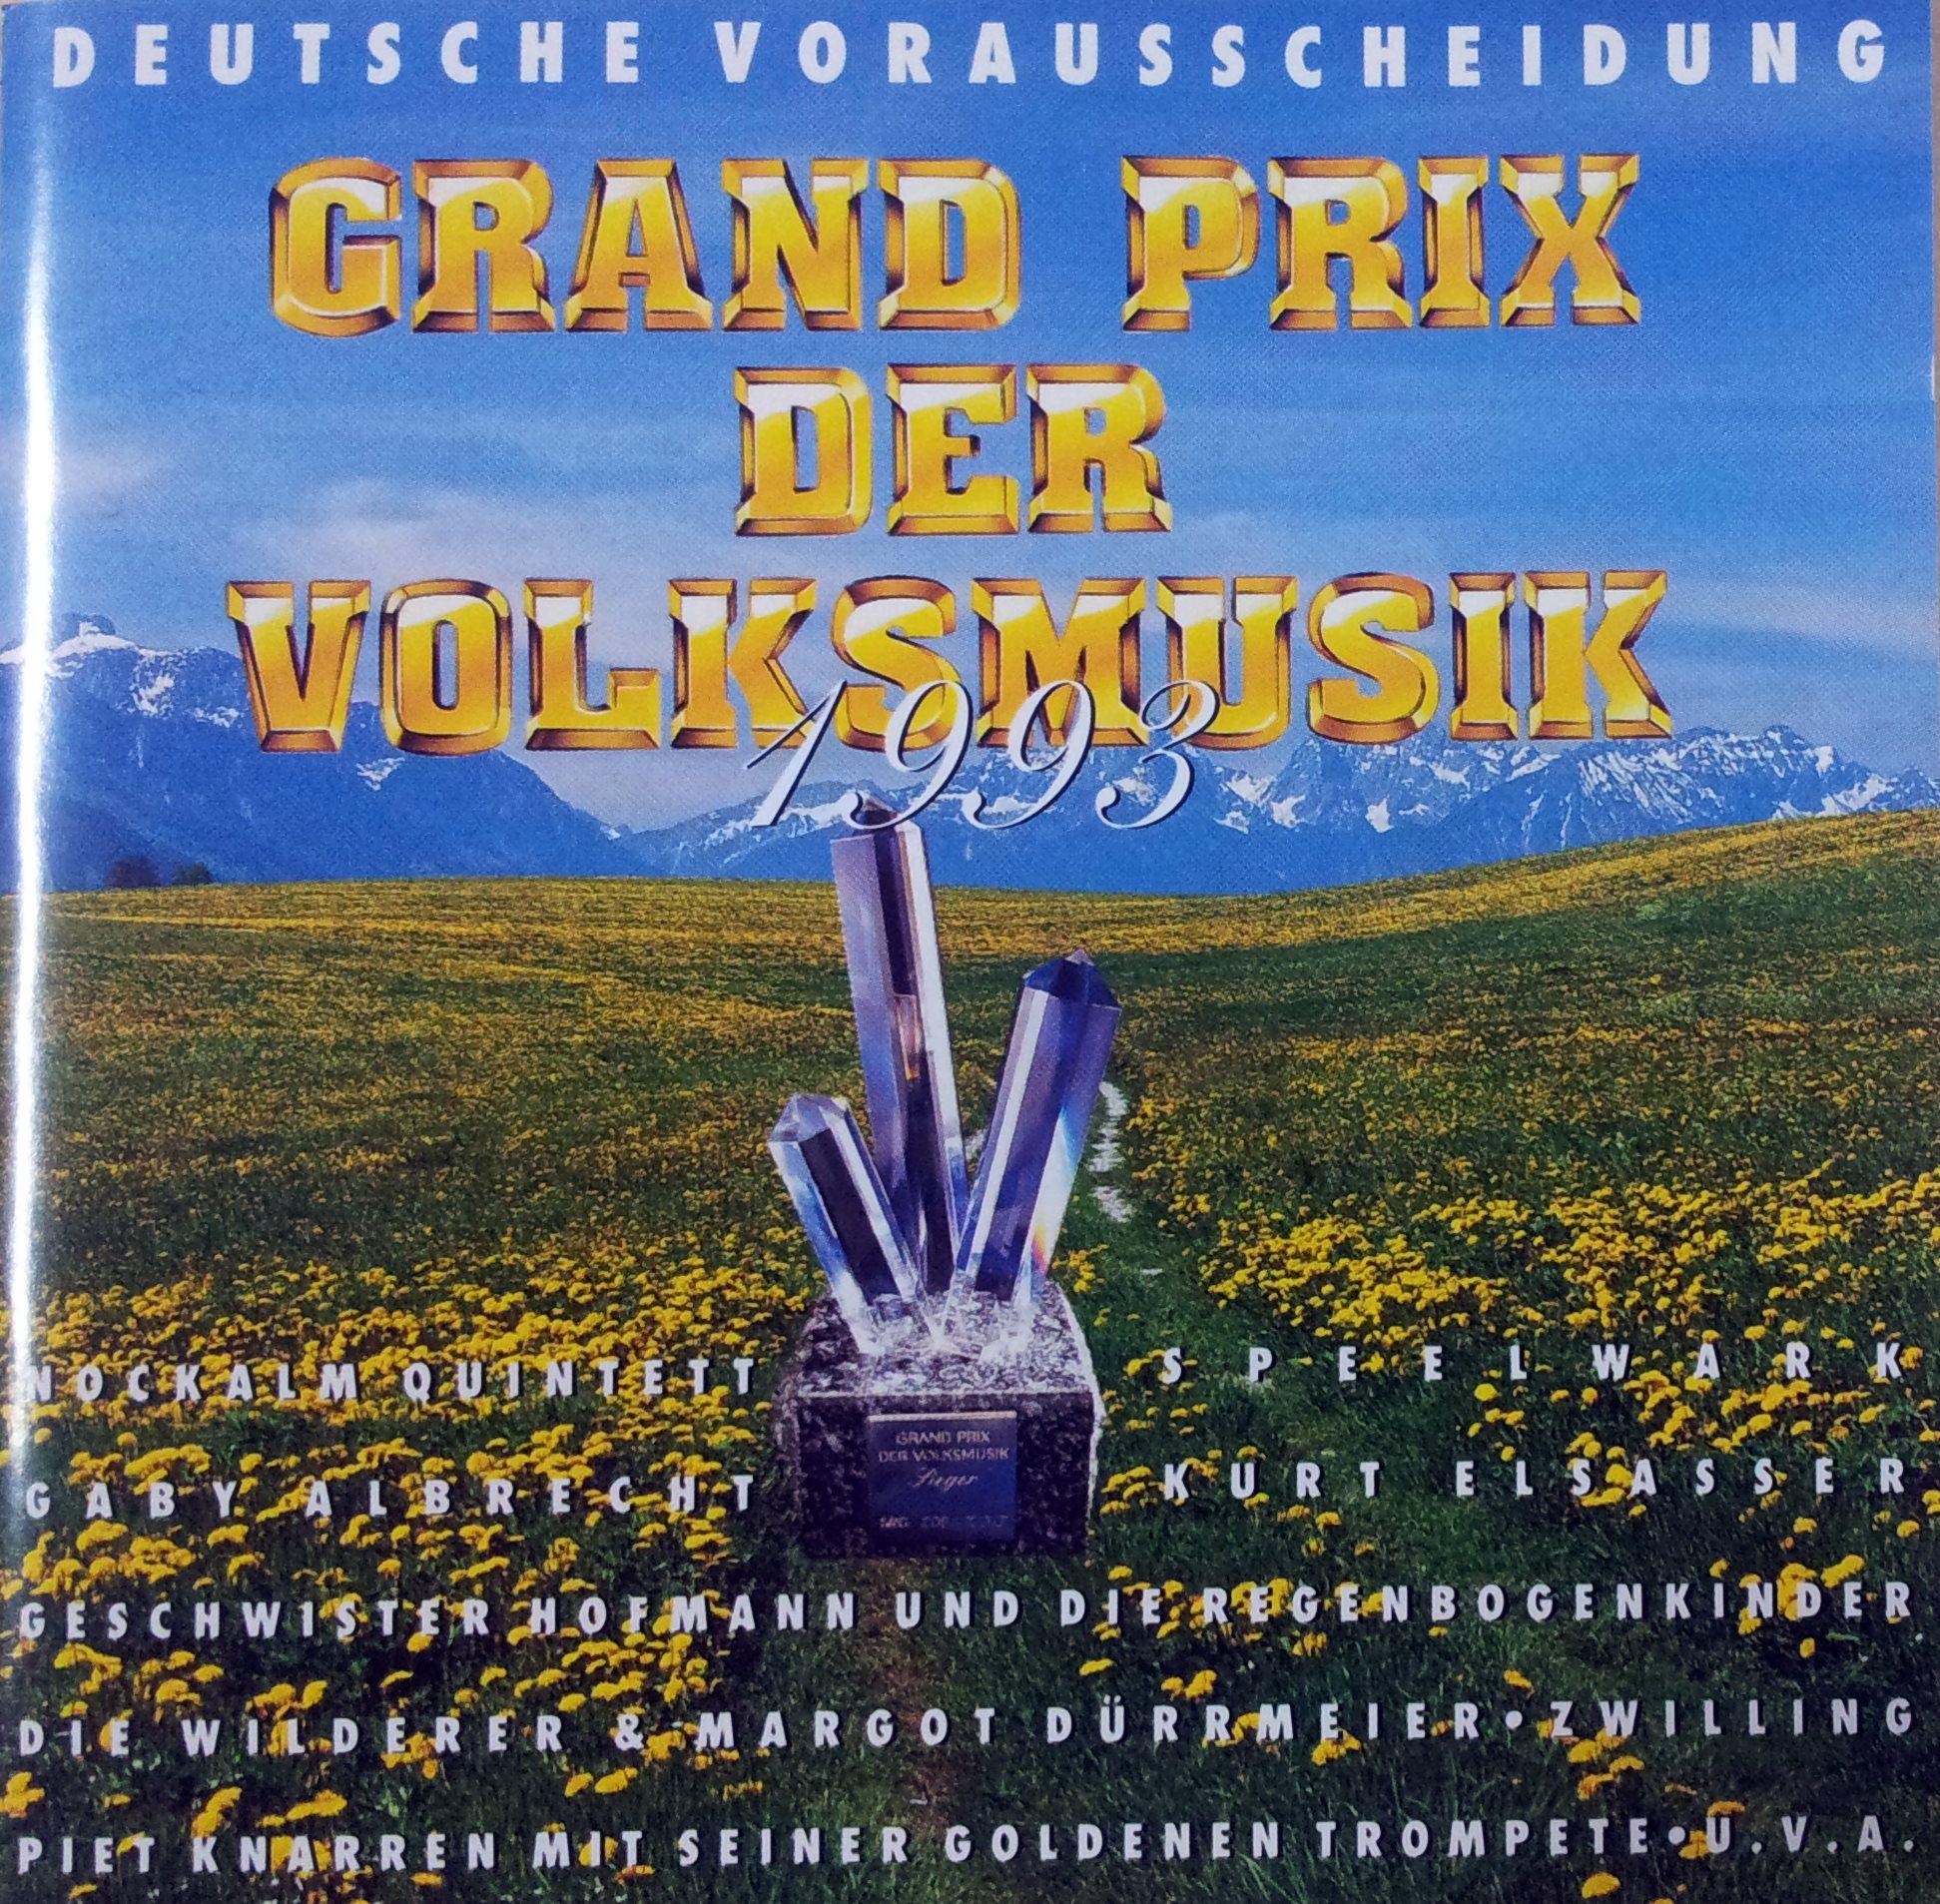 Grand Prix der Volksmusik 1993 - Deutsche Vorentscheidung